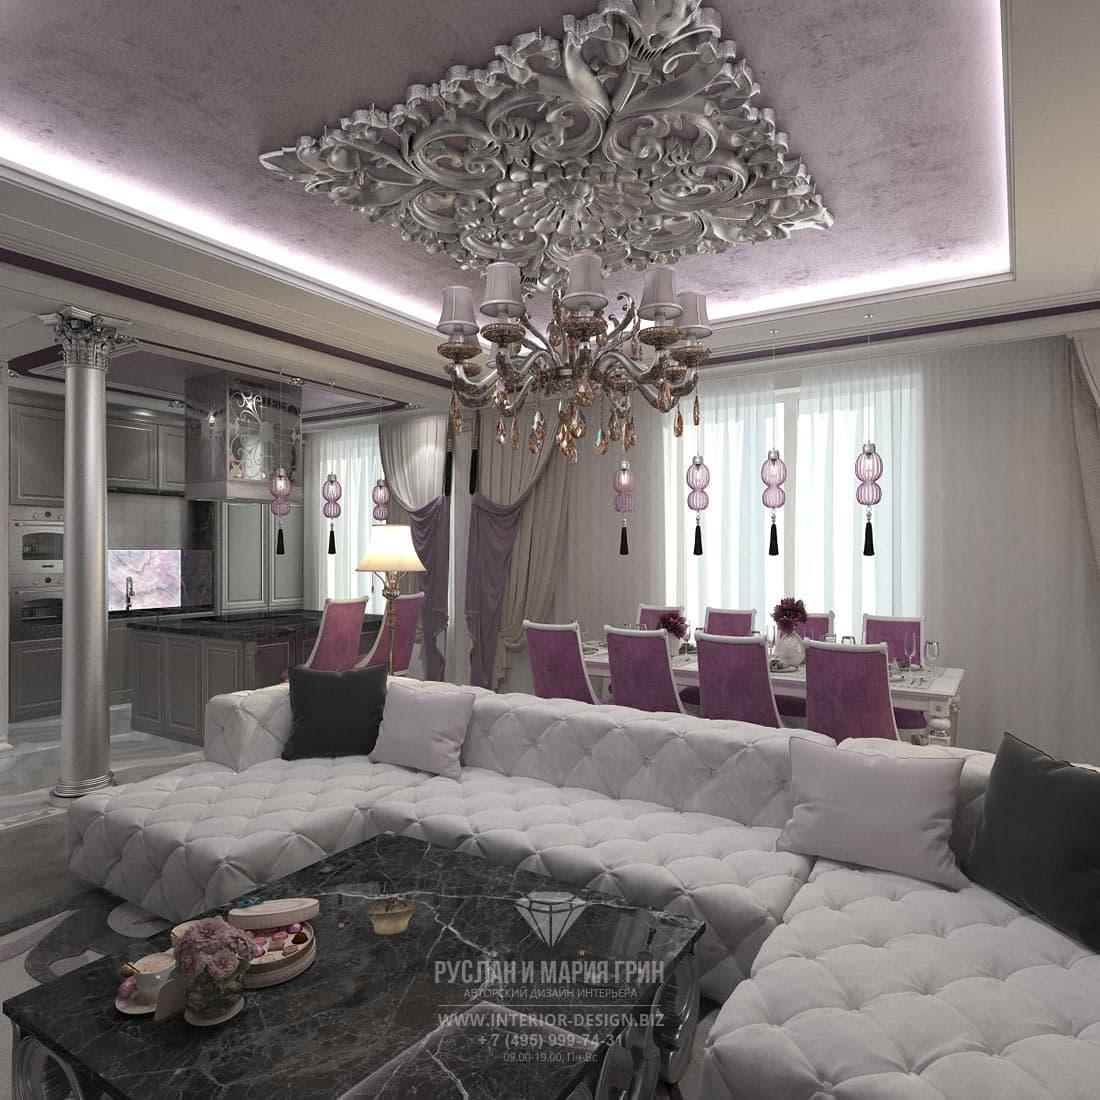 Классический стиль в дизайне интерьера гостиной комнаты